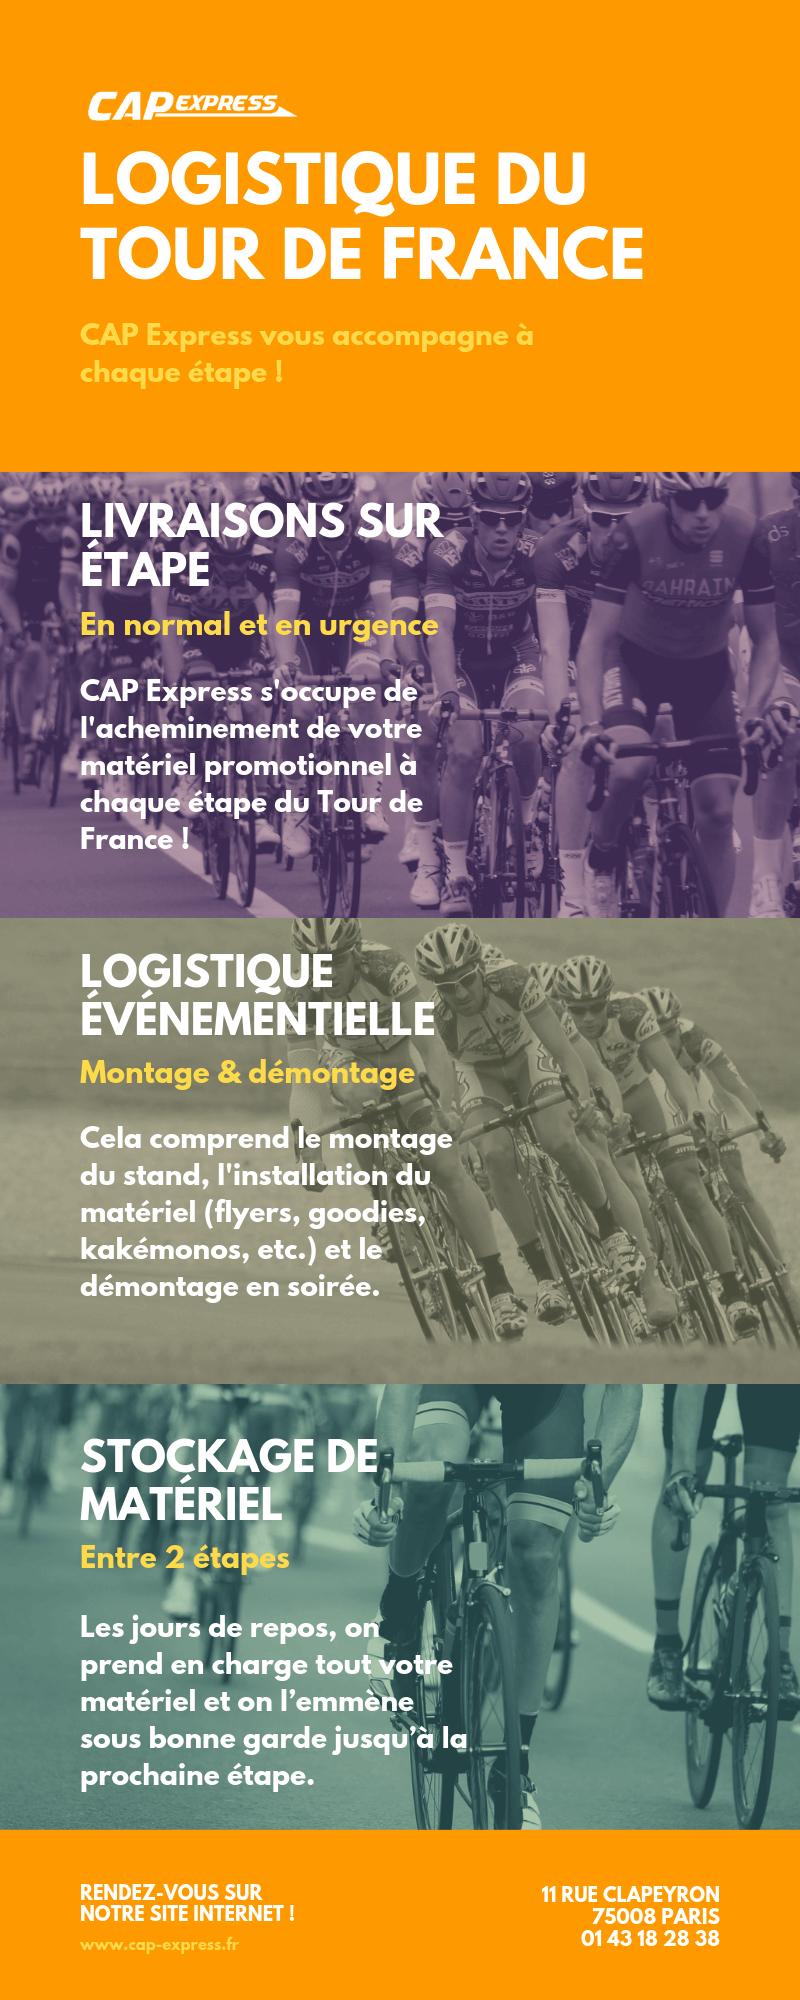 Logistique du Tour de France avec CAP Express